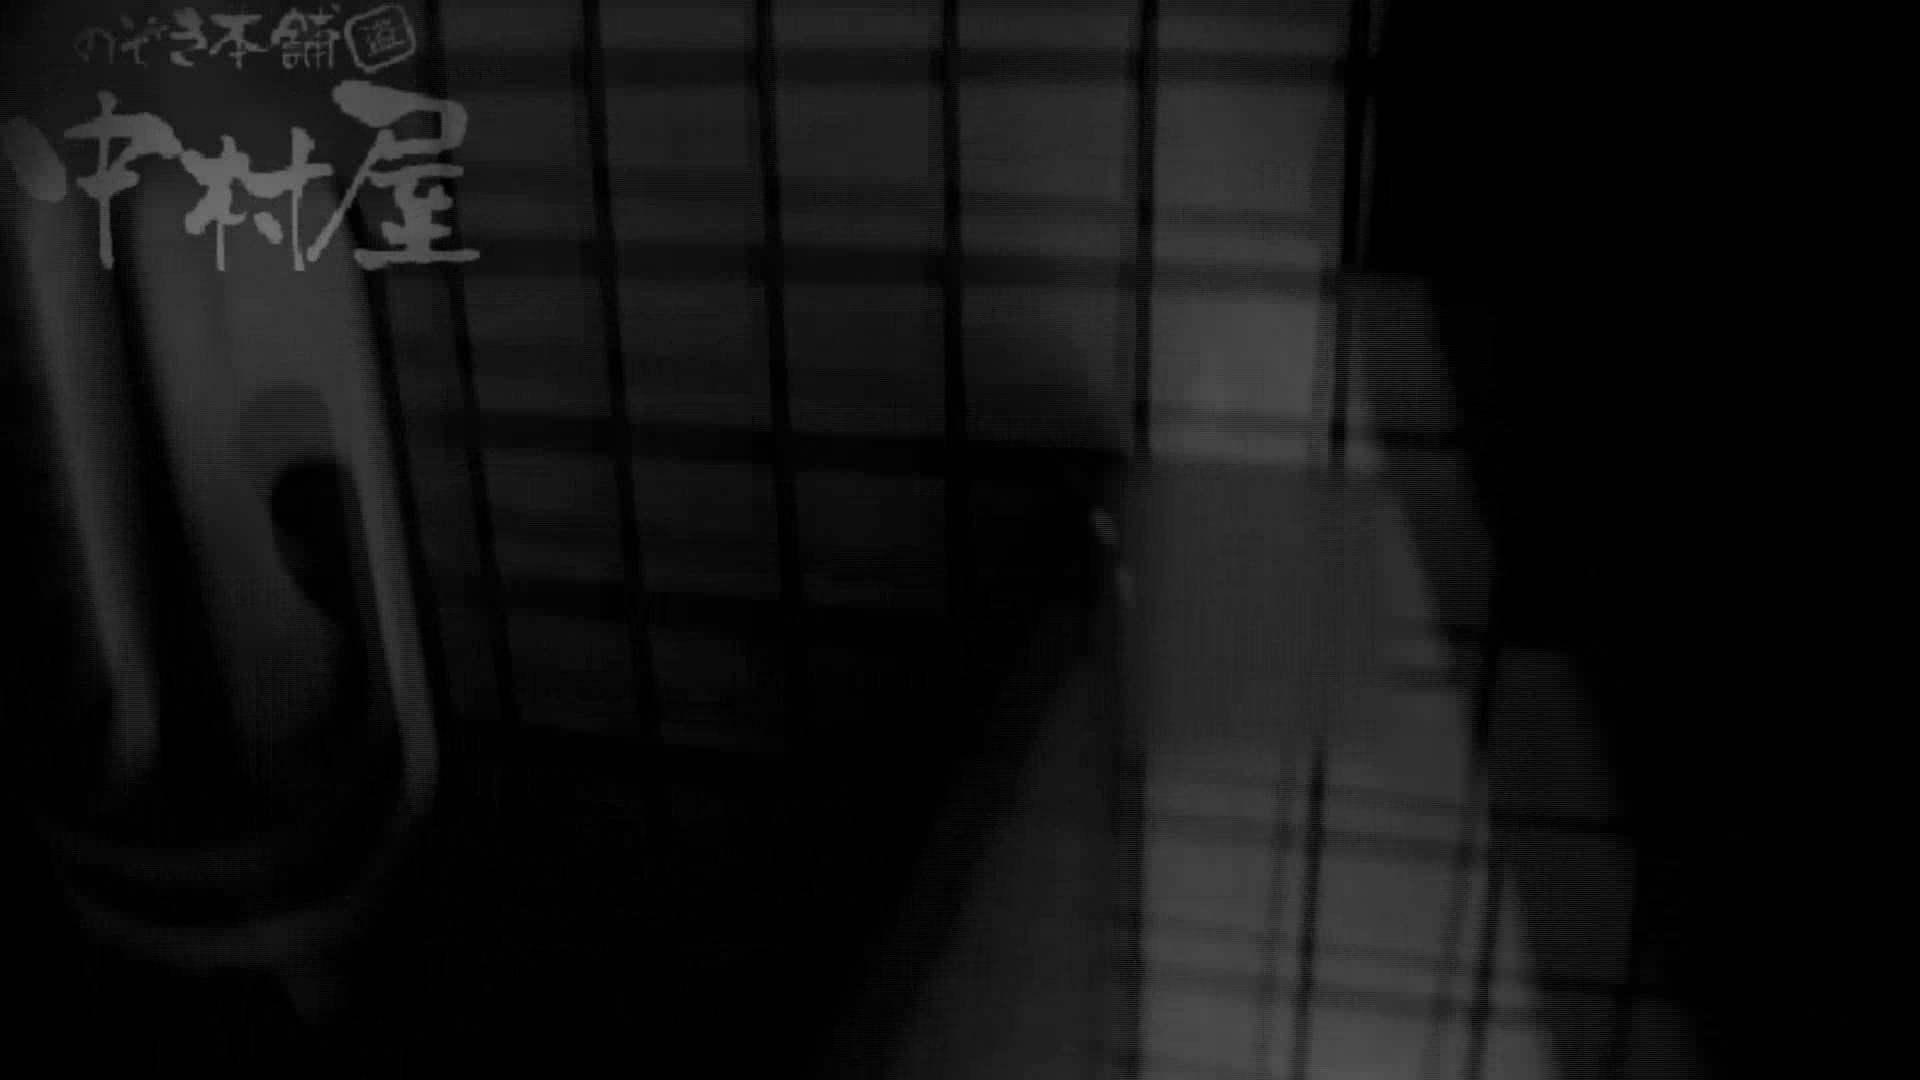 美しい日本の未来 No.31 新しいアングルに挑戦 お尻 オマンコ無修正動画無料 100連発 84